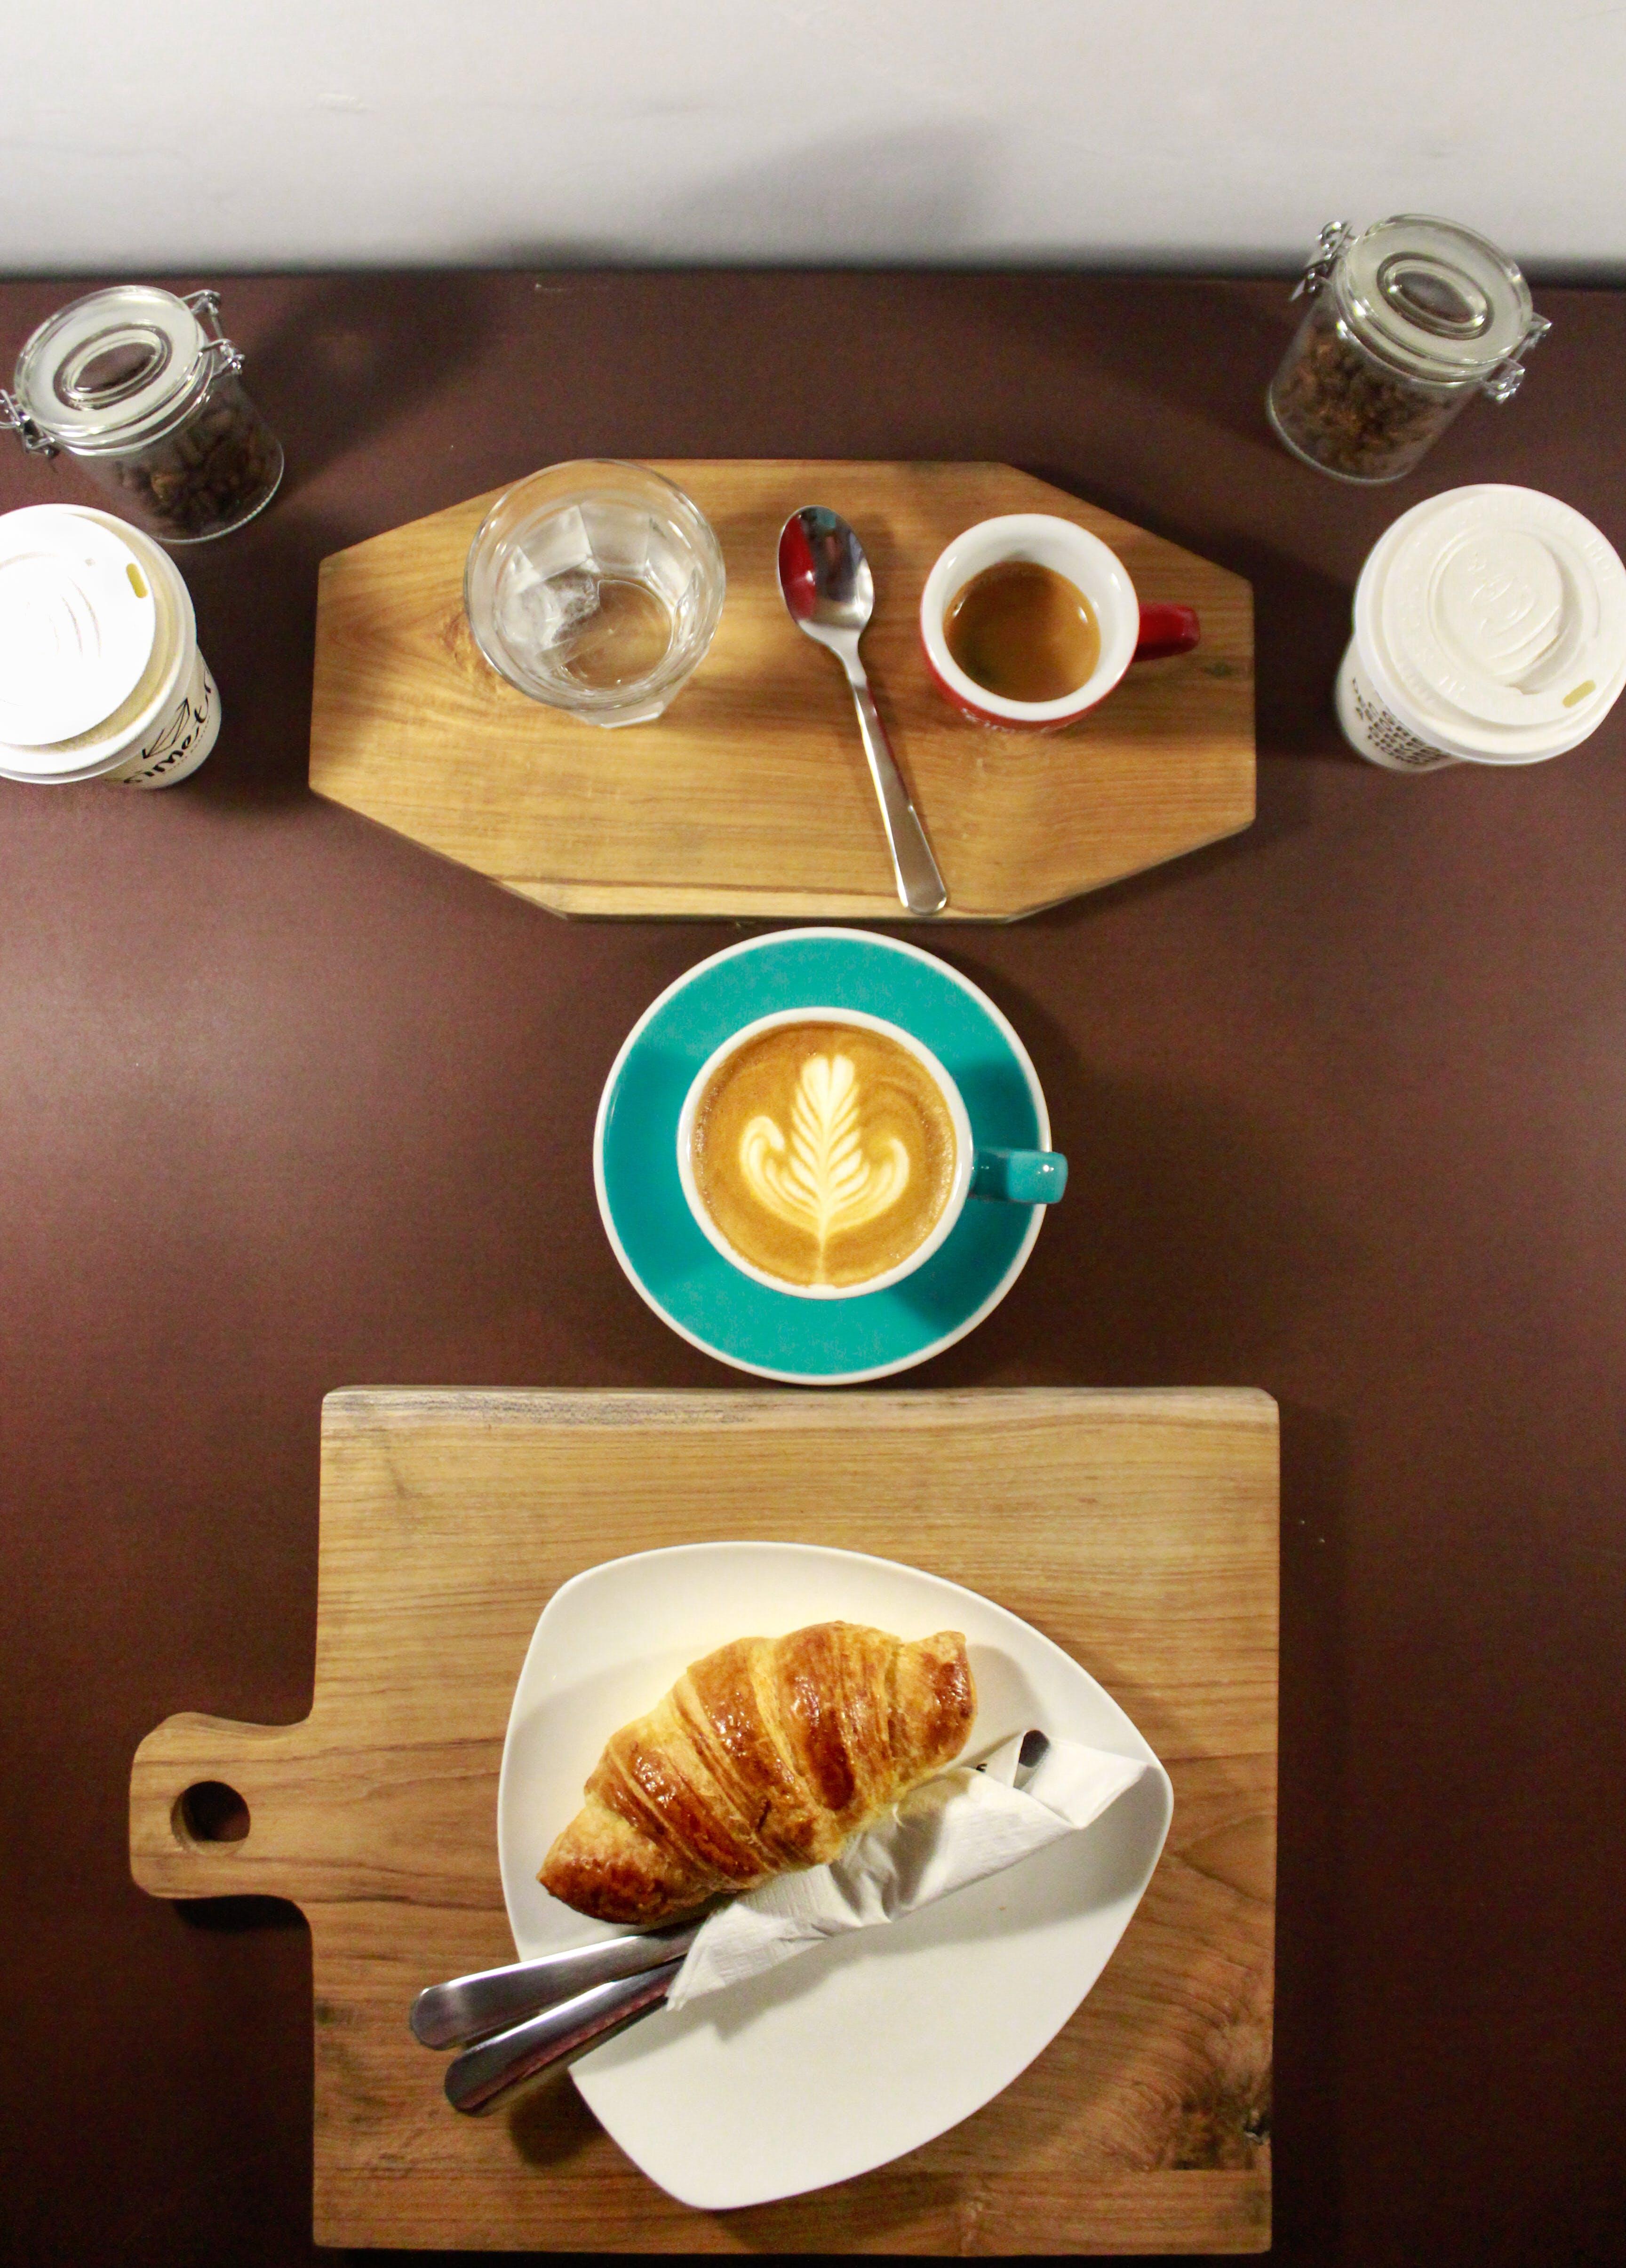 Ilmainen kuvapankkikuva tunnisteilla cappuccino, croissant, Espresso, flatlay